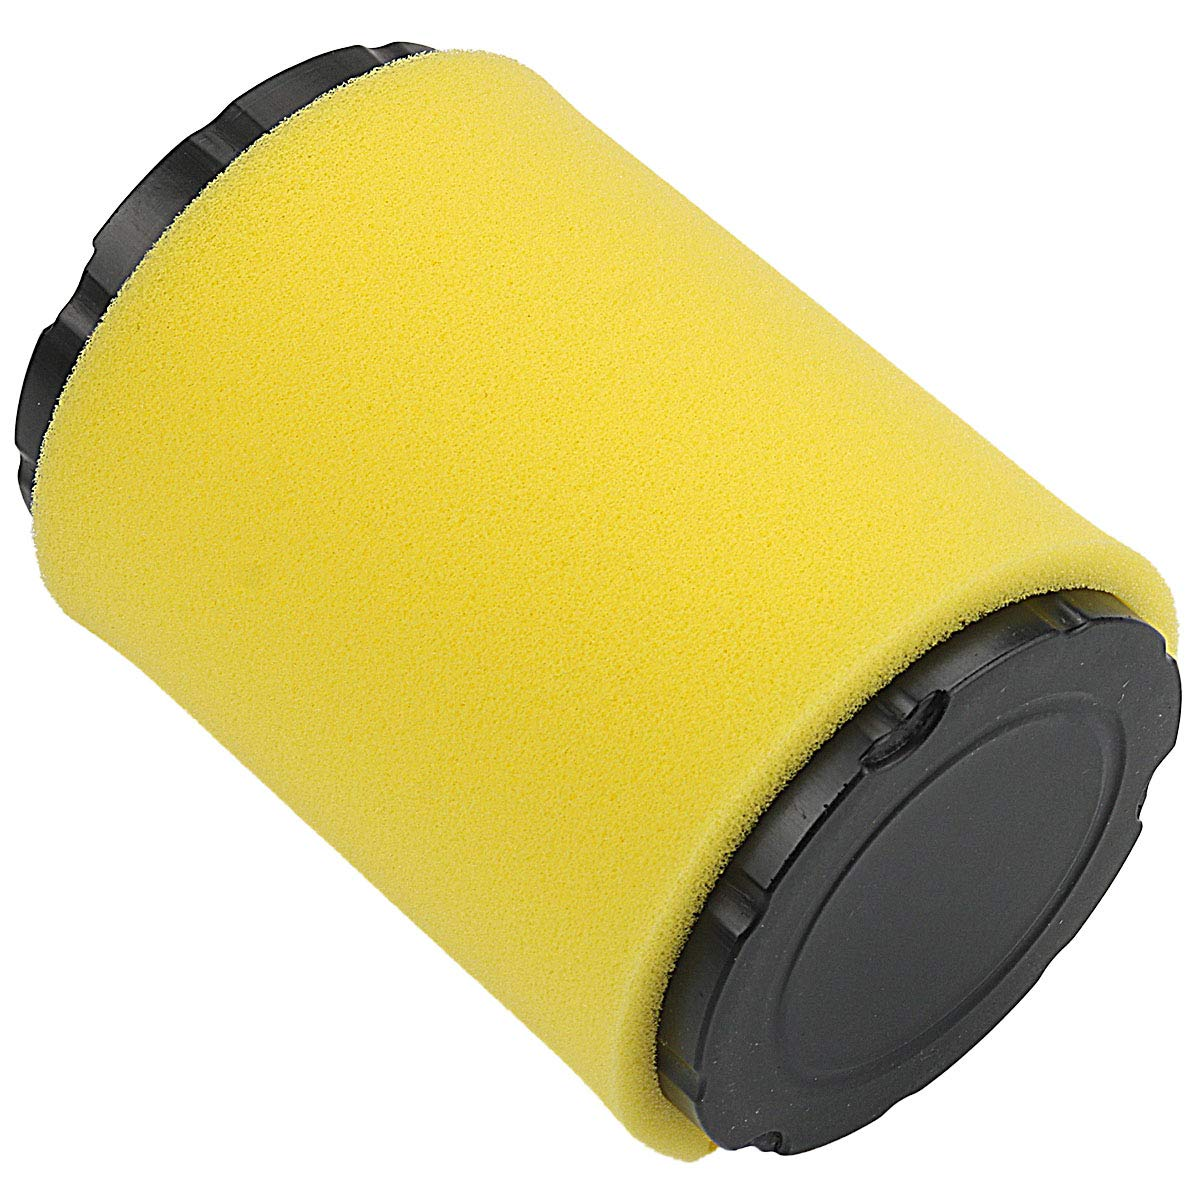 Hilom MIU14395 Filtro de Aire para John Deere D100 D105 D110 D130 ...